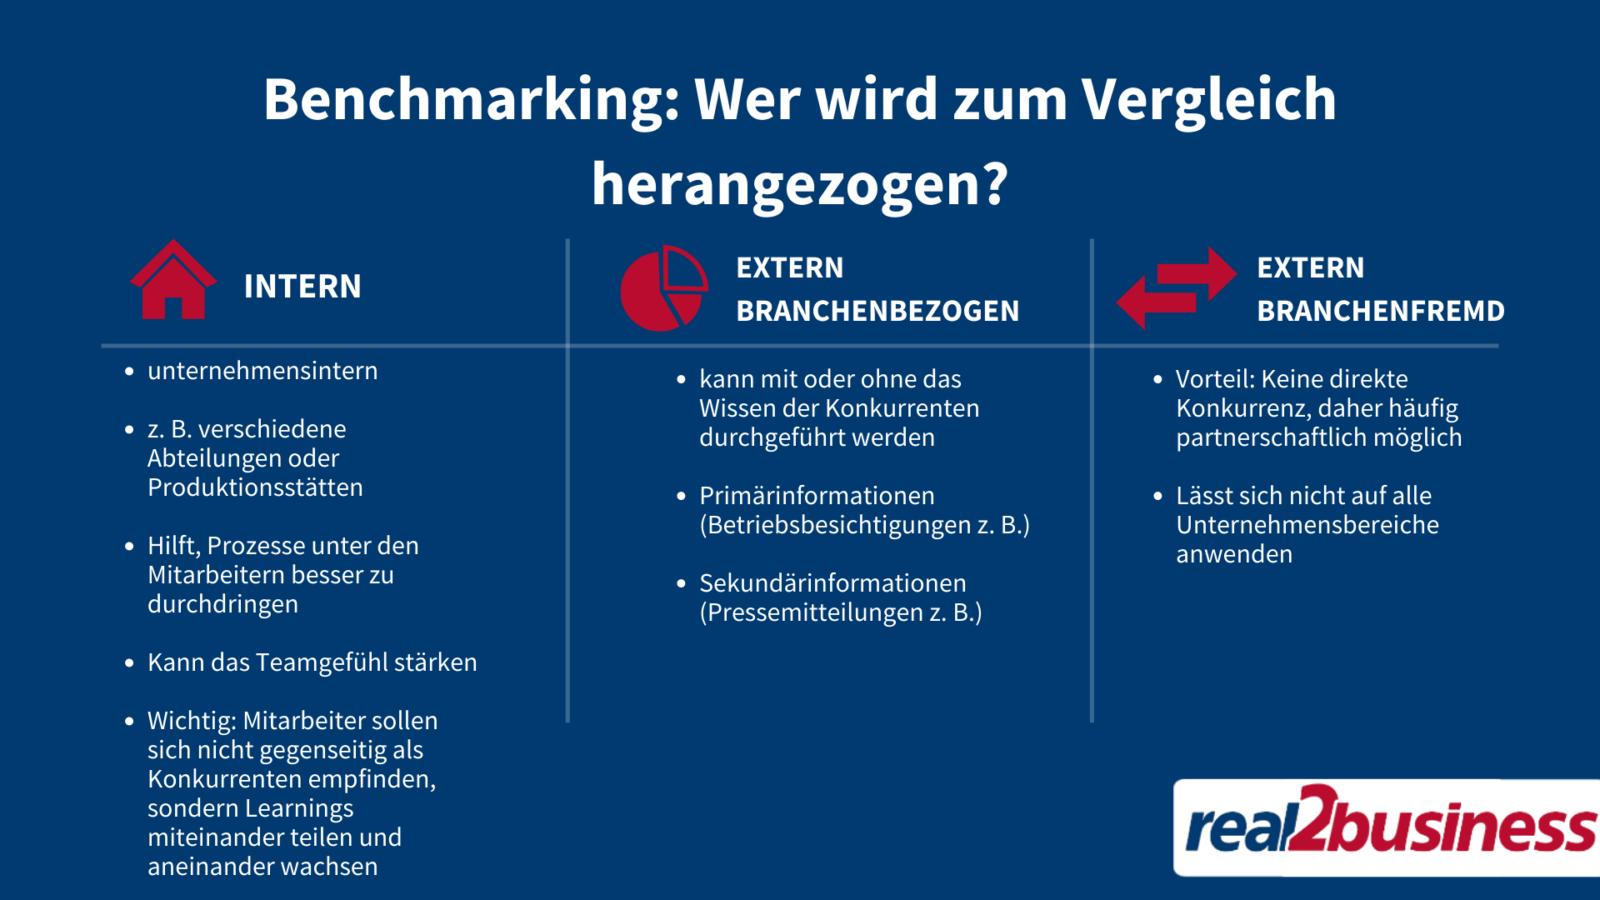 Benchmarking Objekte Auswahlen Benchmarking 5